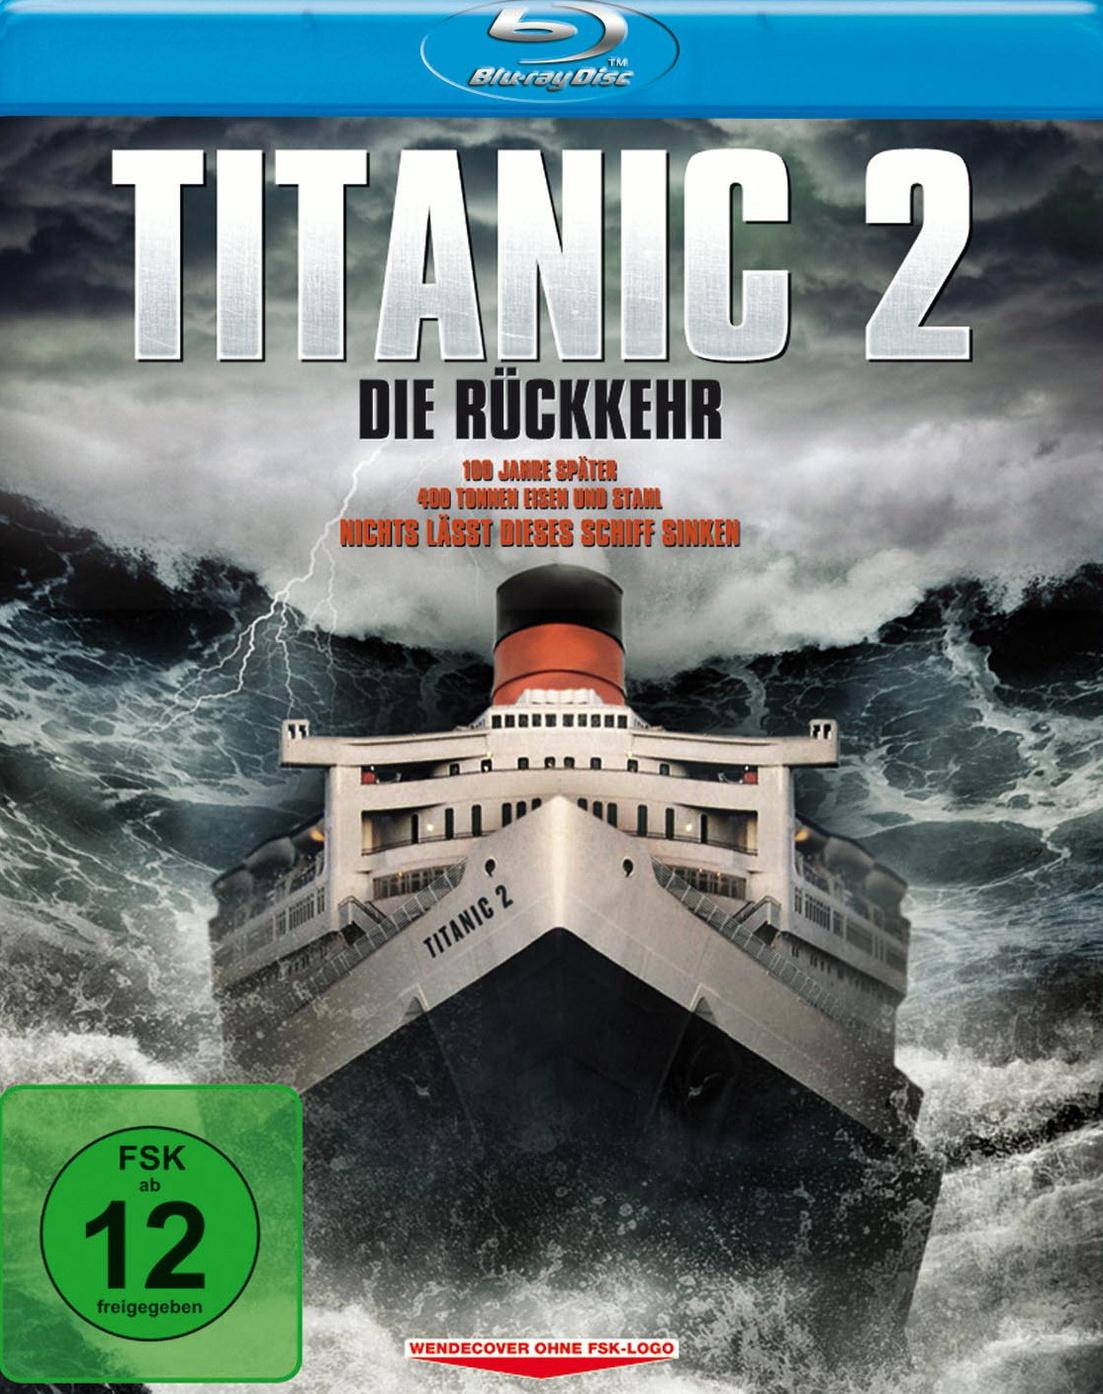 Titanic 2 - Die Rückkehr